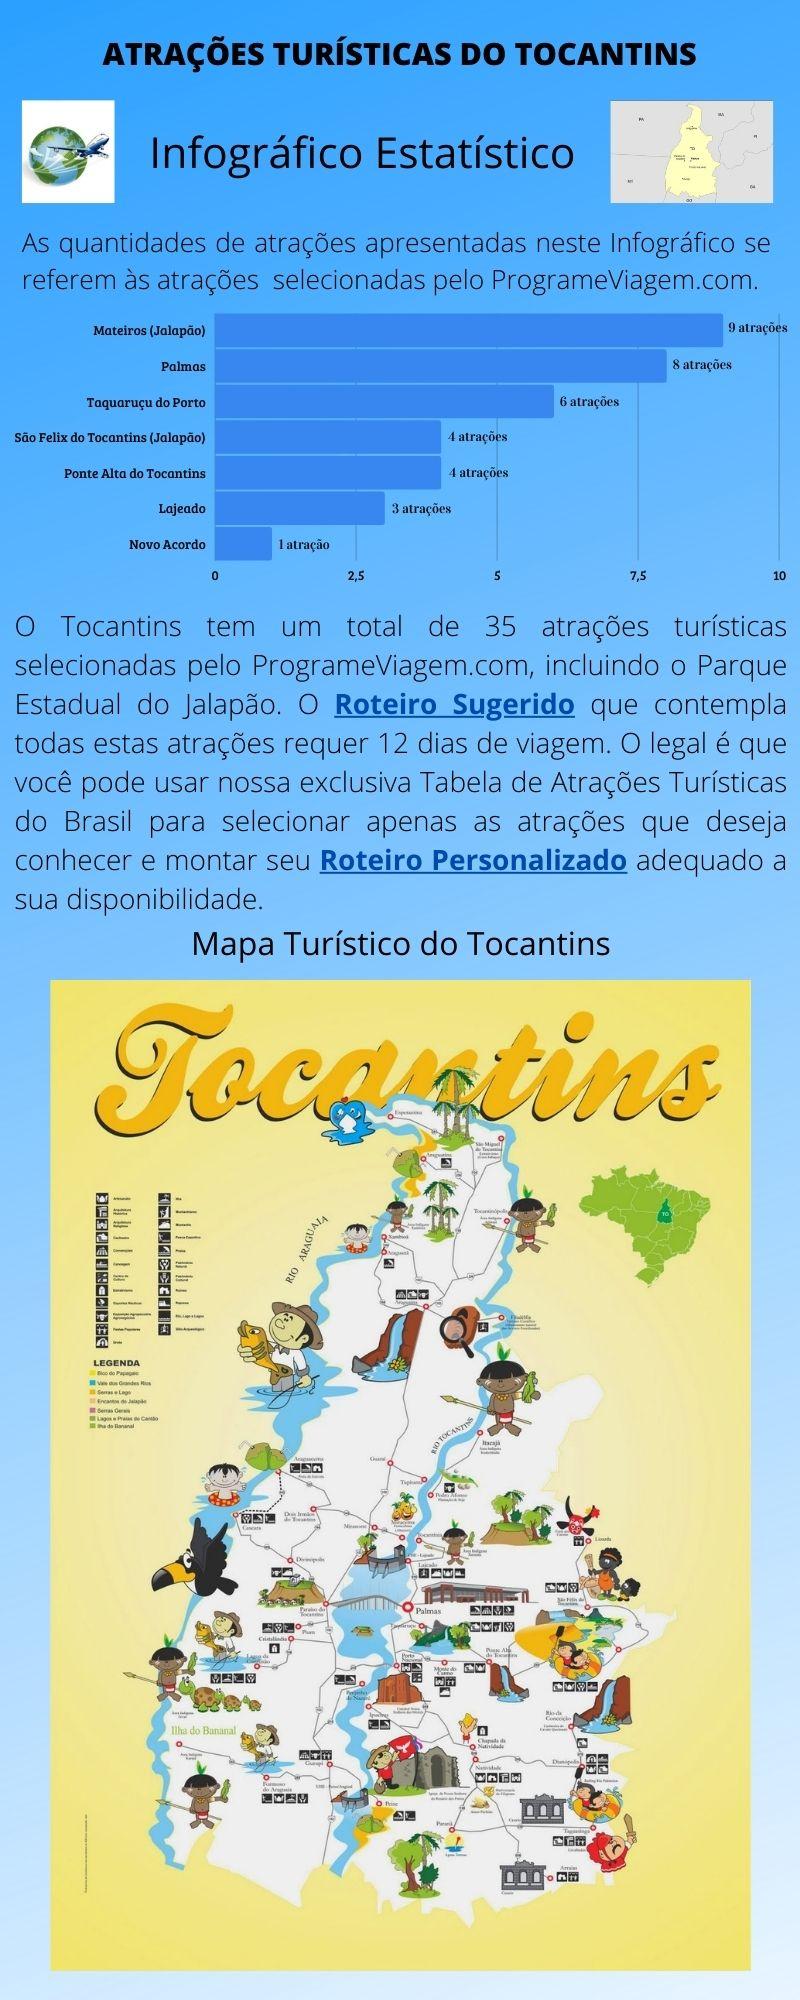 Infográfico Atrações Turísticas do Tocantins 1